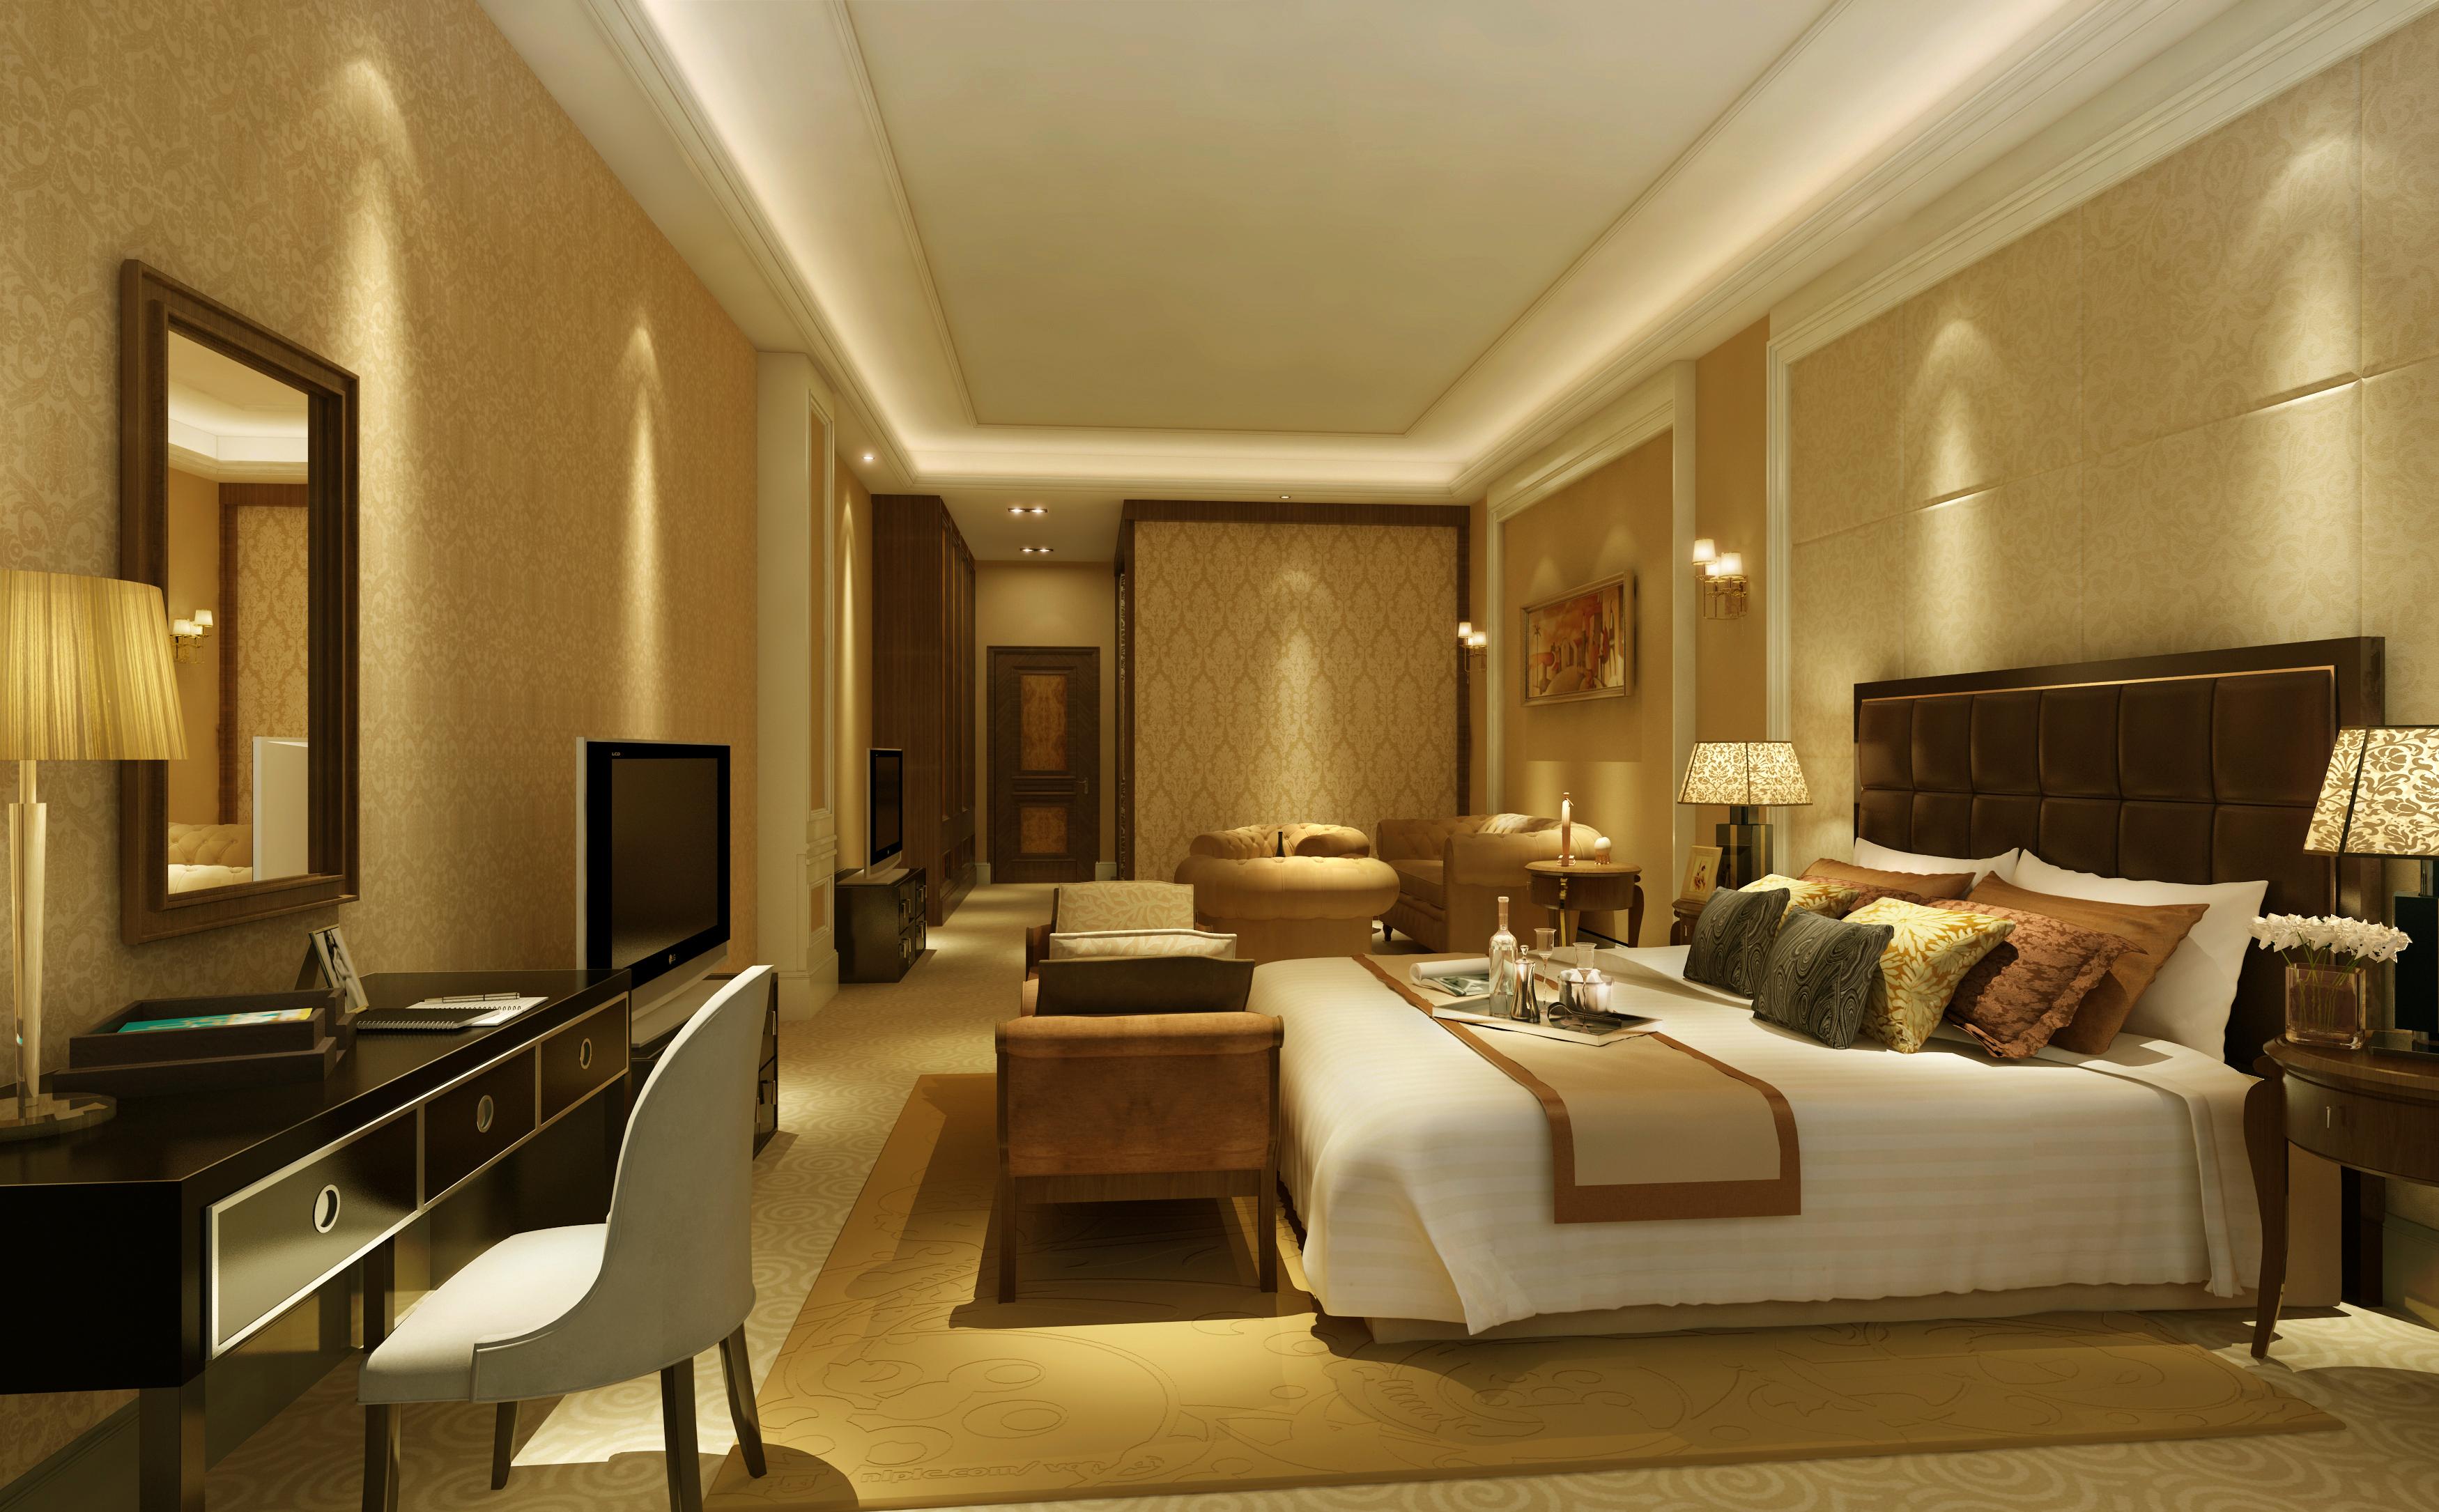 三居 港式 英伦 卧室图片来自天津京尚装饰在京尚装饰-观锦-港式三居128㎡的分享